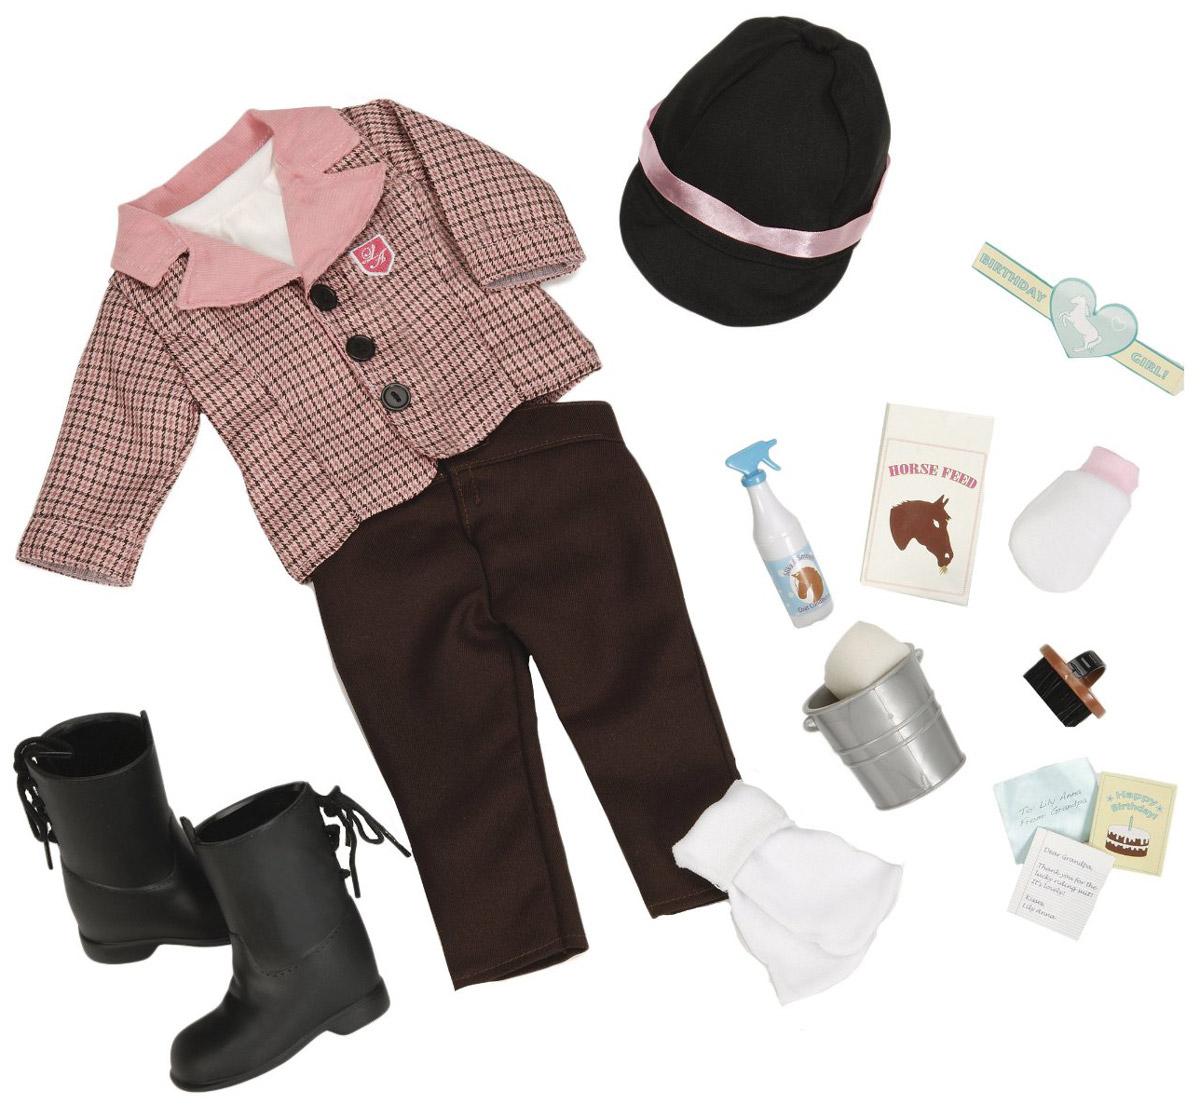 Our Generation Набор для ухода за лошадью11513Набор для ухода за лошадью Our Generation обязательно привлечет внимание маленьких любительниц лошадей. Набор включает в себя: куртку наездницы, кофту, кепку-шлем, пакет для корма лошади, щетку, губку, пульверизатор, ведро, мочалку-рукавичку, поздравительную открытку и другие аксессуары. С набором для ухода за лошадью день будет наполнен увлекательными и одновременно познавательными играми. Порадуйте свою дочурку таким замечательным подарком! Одежда подходит для кукол выстой 46 см.